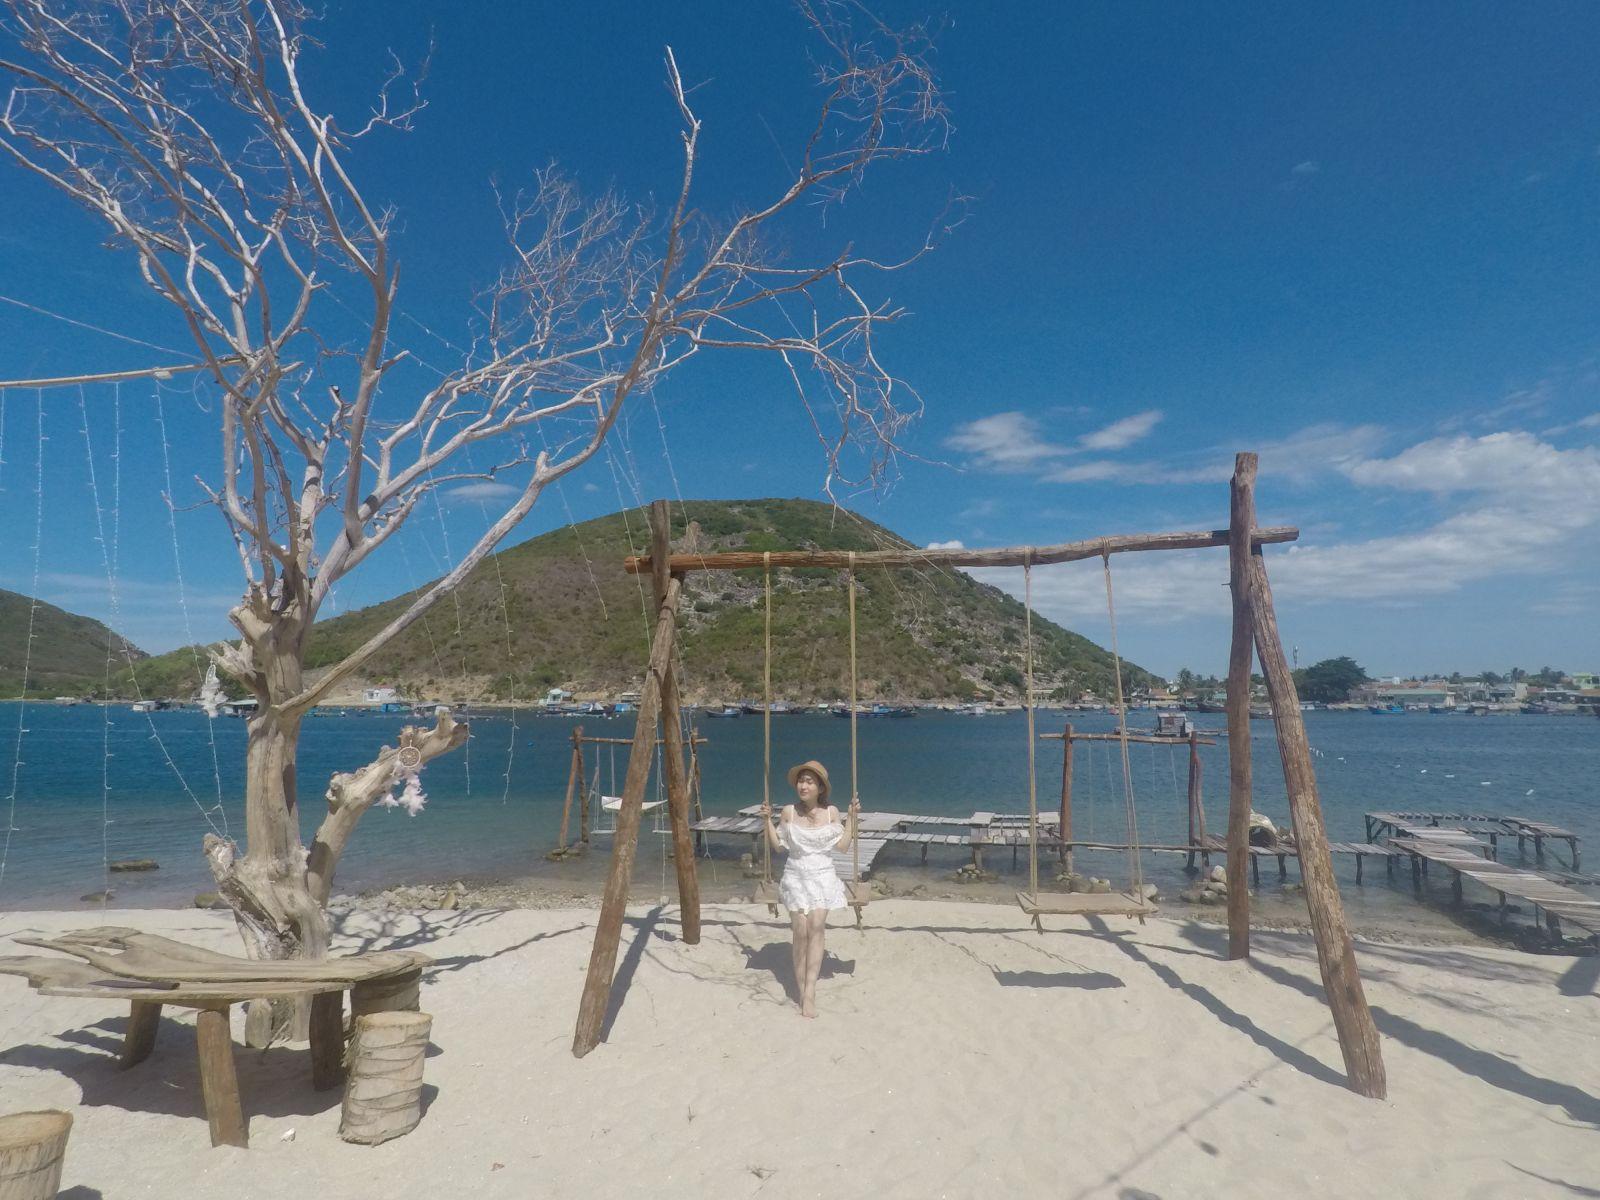 CHECK IN với với võng đẹp mê hồn giữa biển tại Đảo Tình Yêu - 1